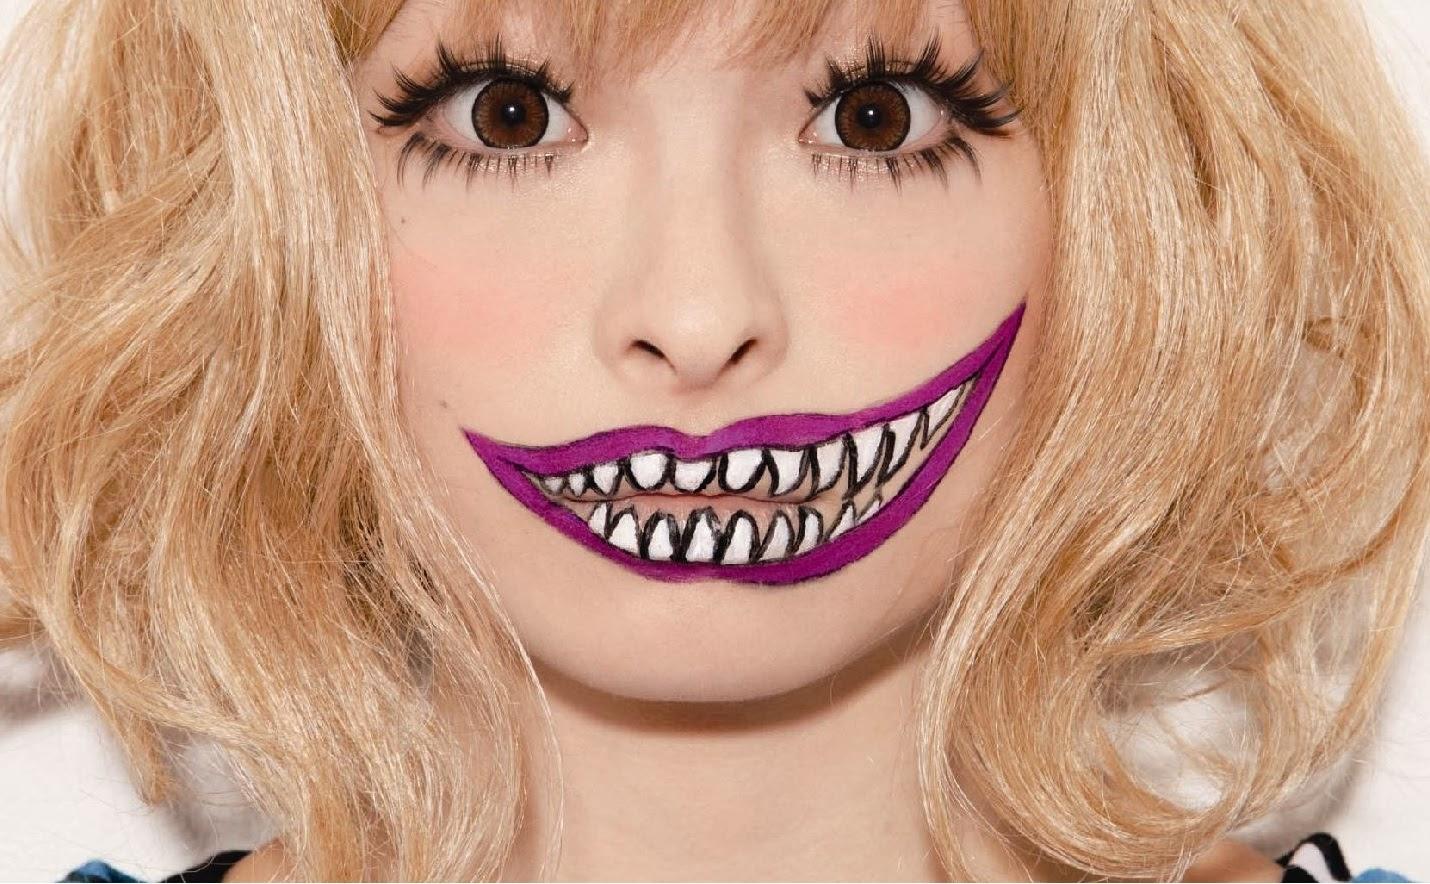 サイザヌリ: Kyary Pamyu Pamyu - Monster Mouth Make Up